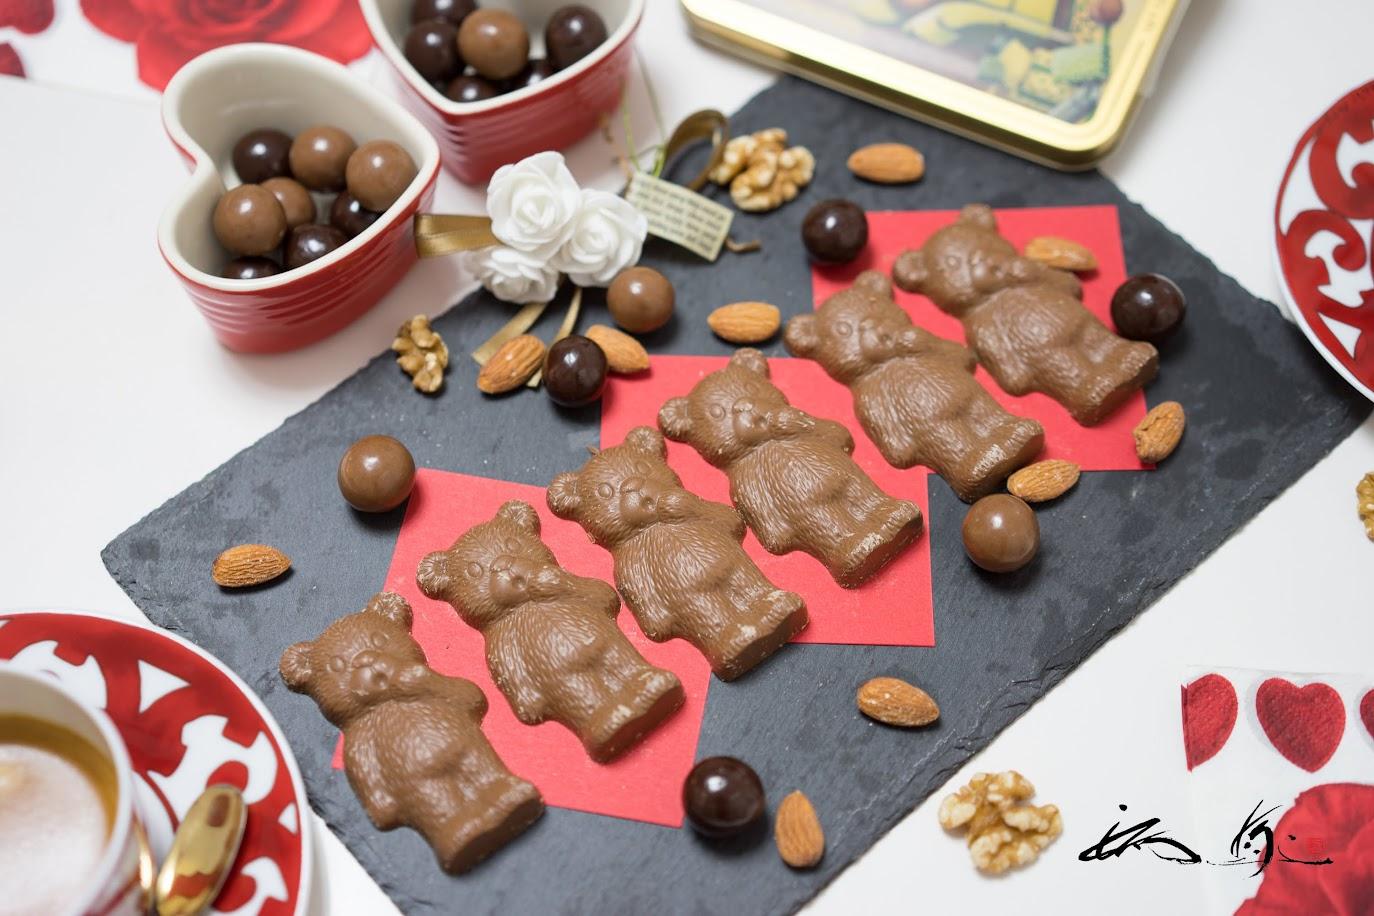 キュート&リッチなチョコレート!